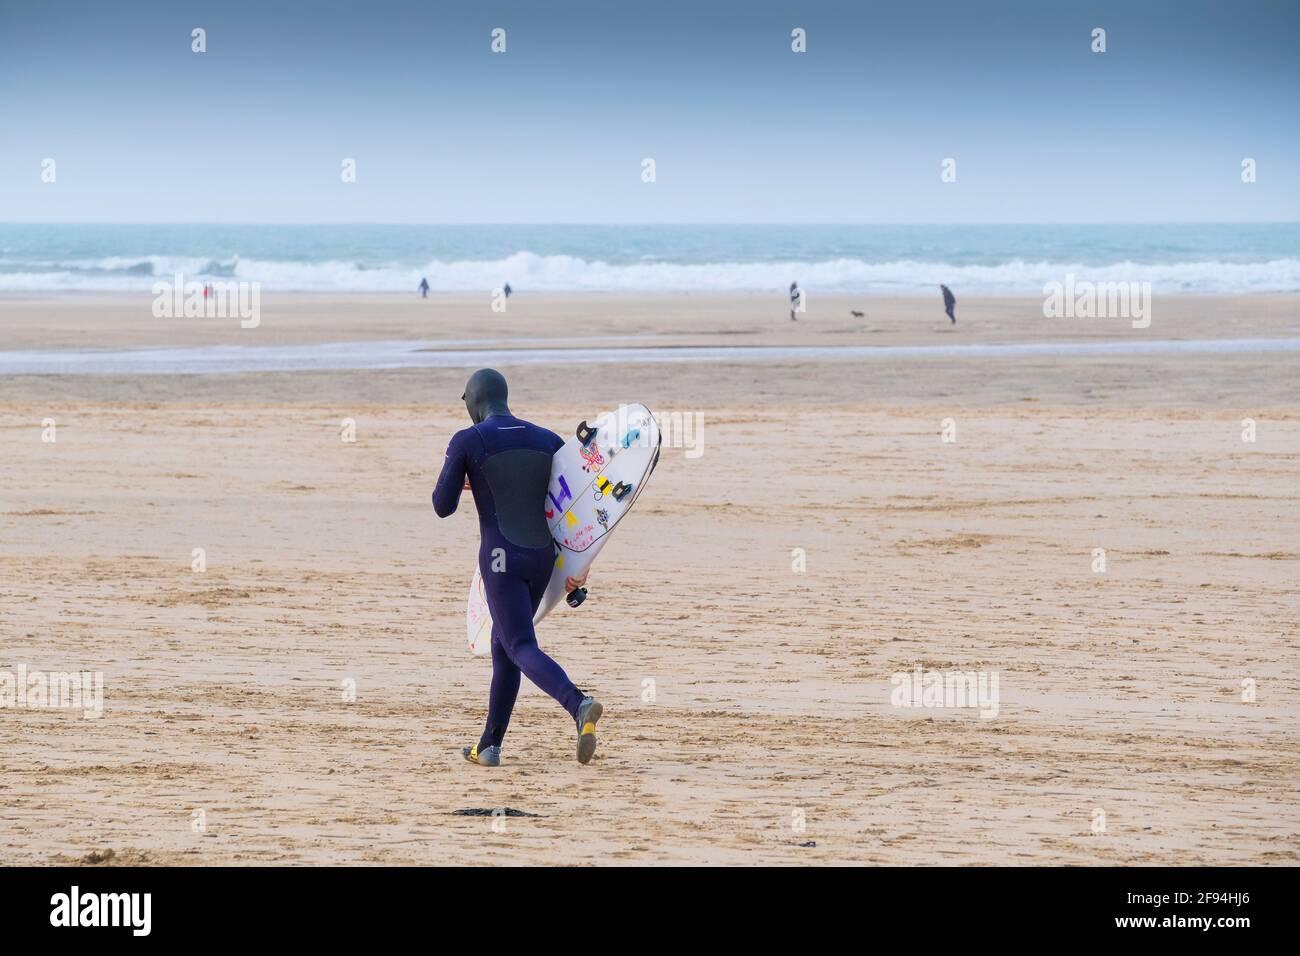 Un surfista llevando su tabla de surf y corriendo a través de Crantock Beach en Newquay en Cornwall. Foto de stock